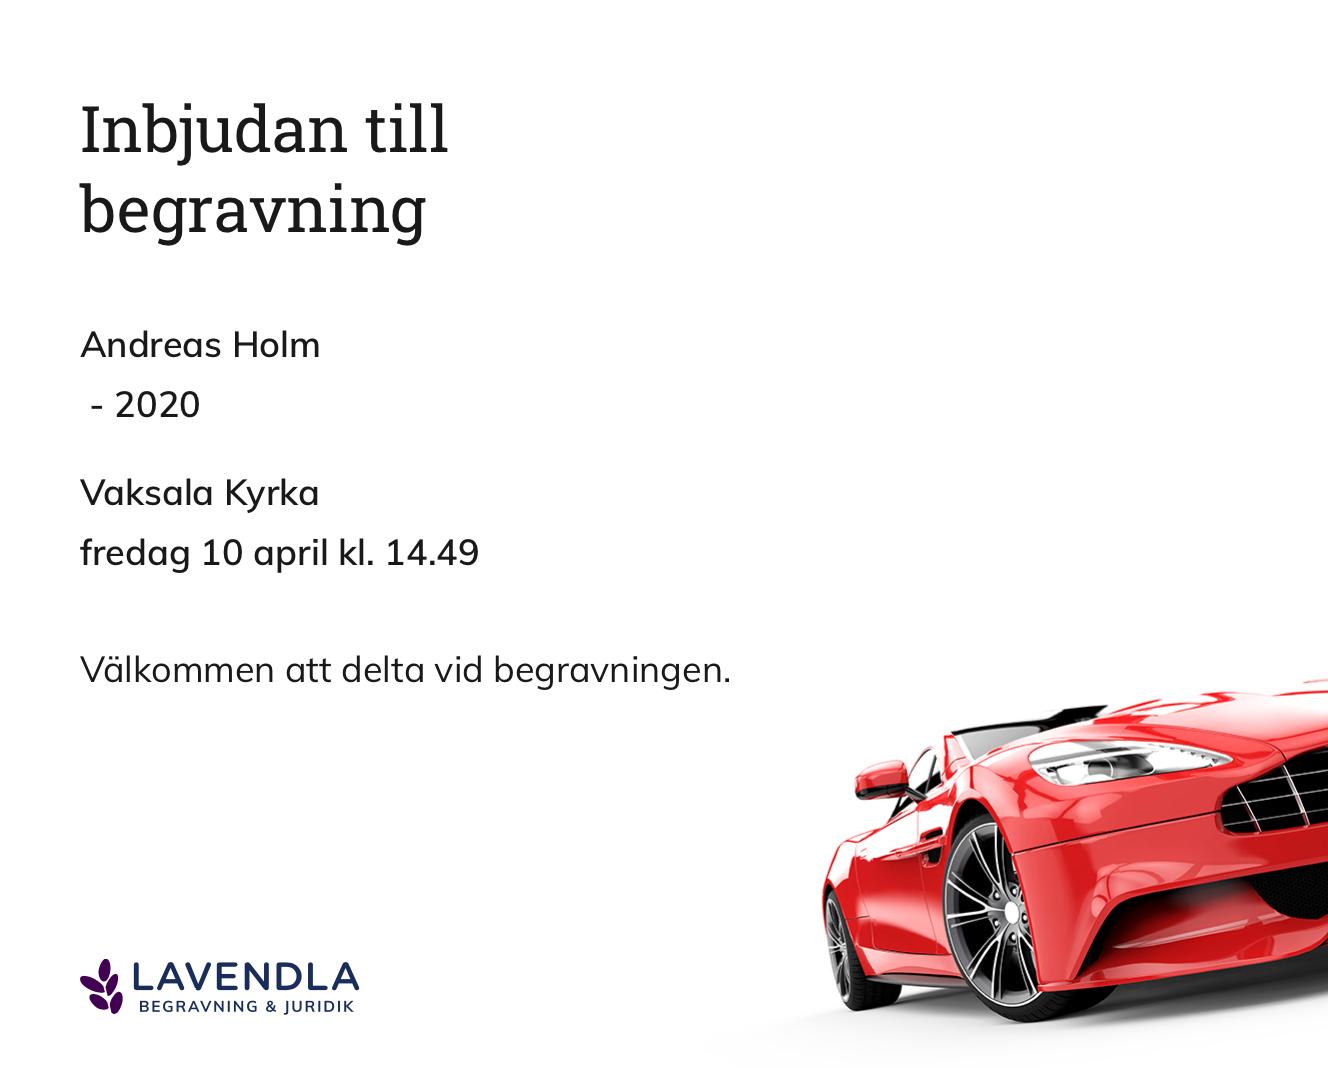 Inbjudningskort till ceremonin för Andreas Holm